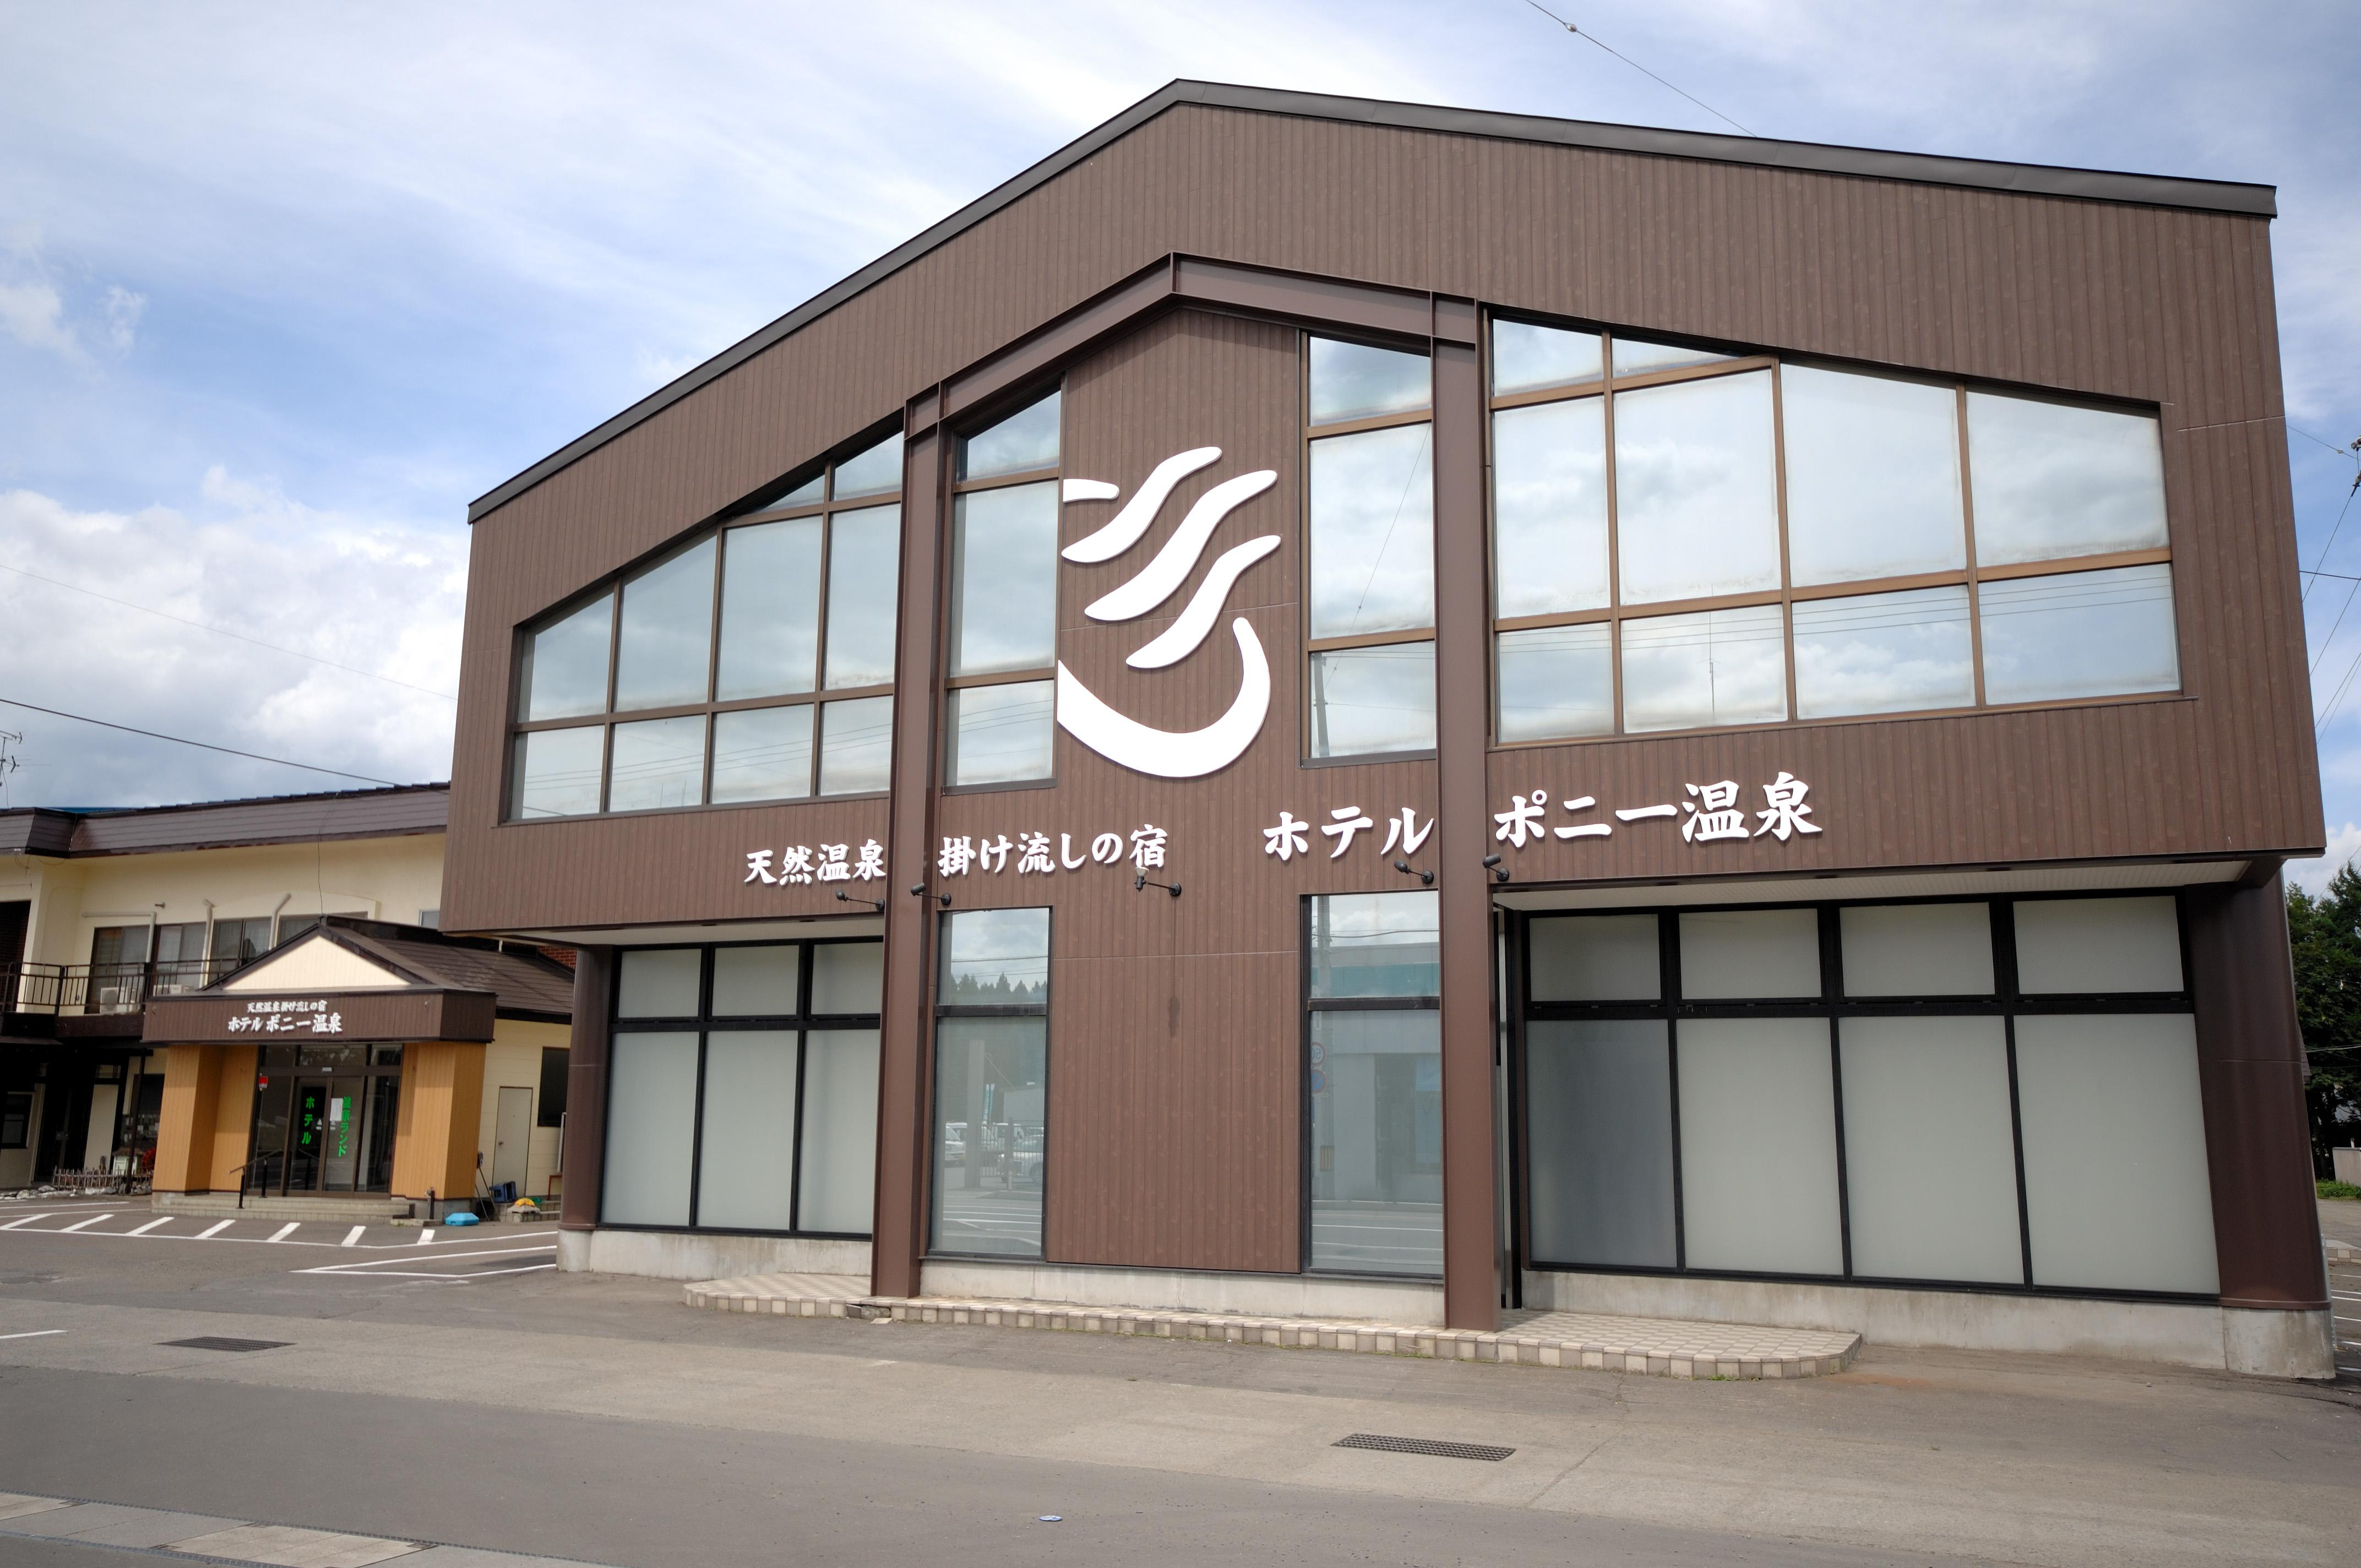 Hotel Pony Onsen - aomori - Ryokan Experience